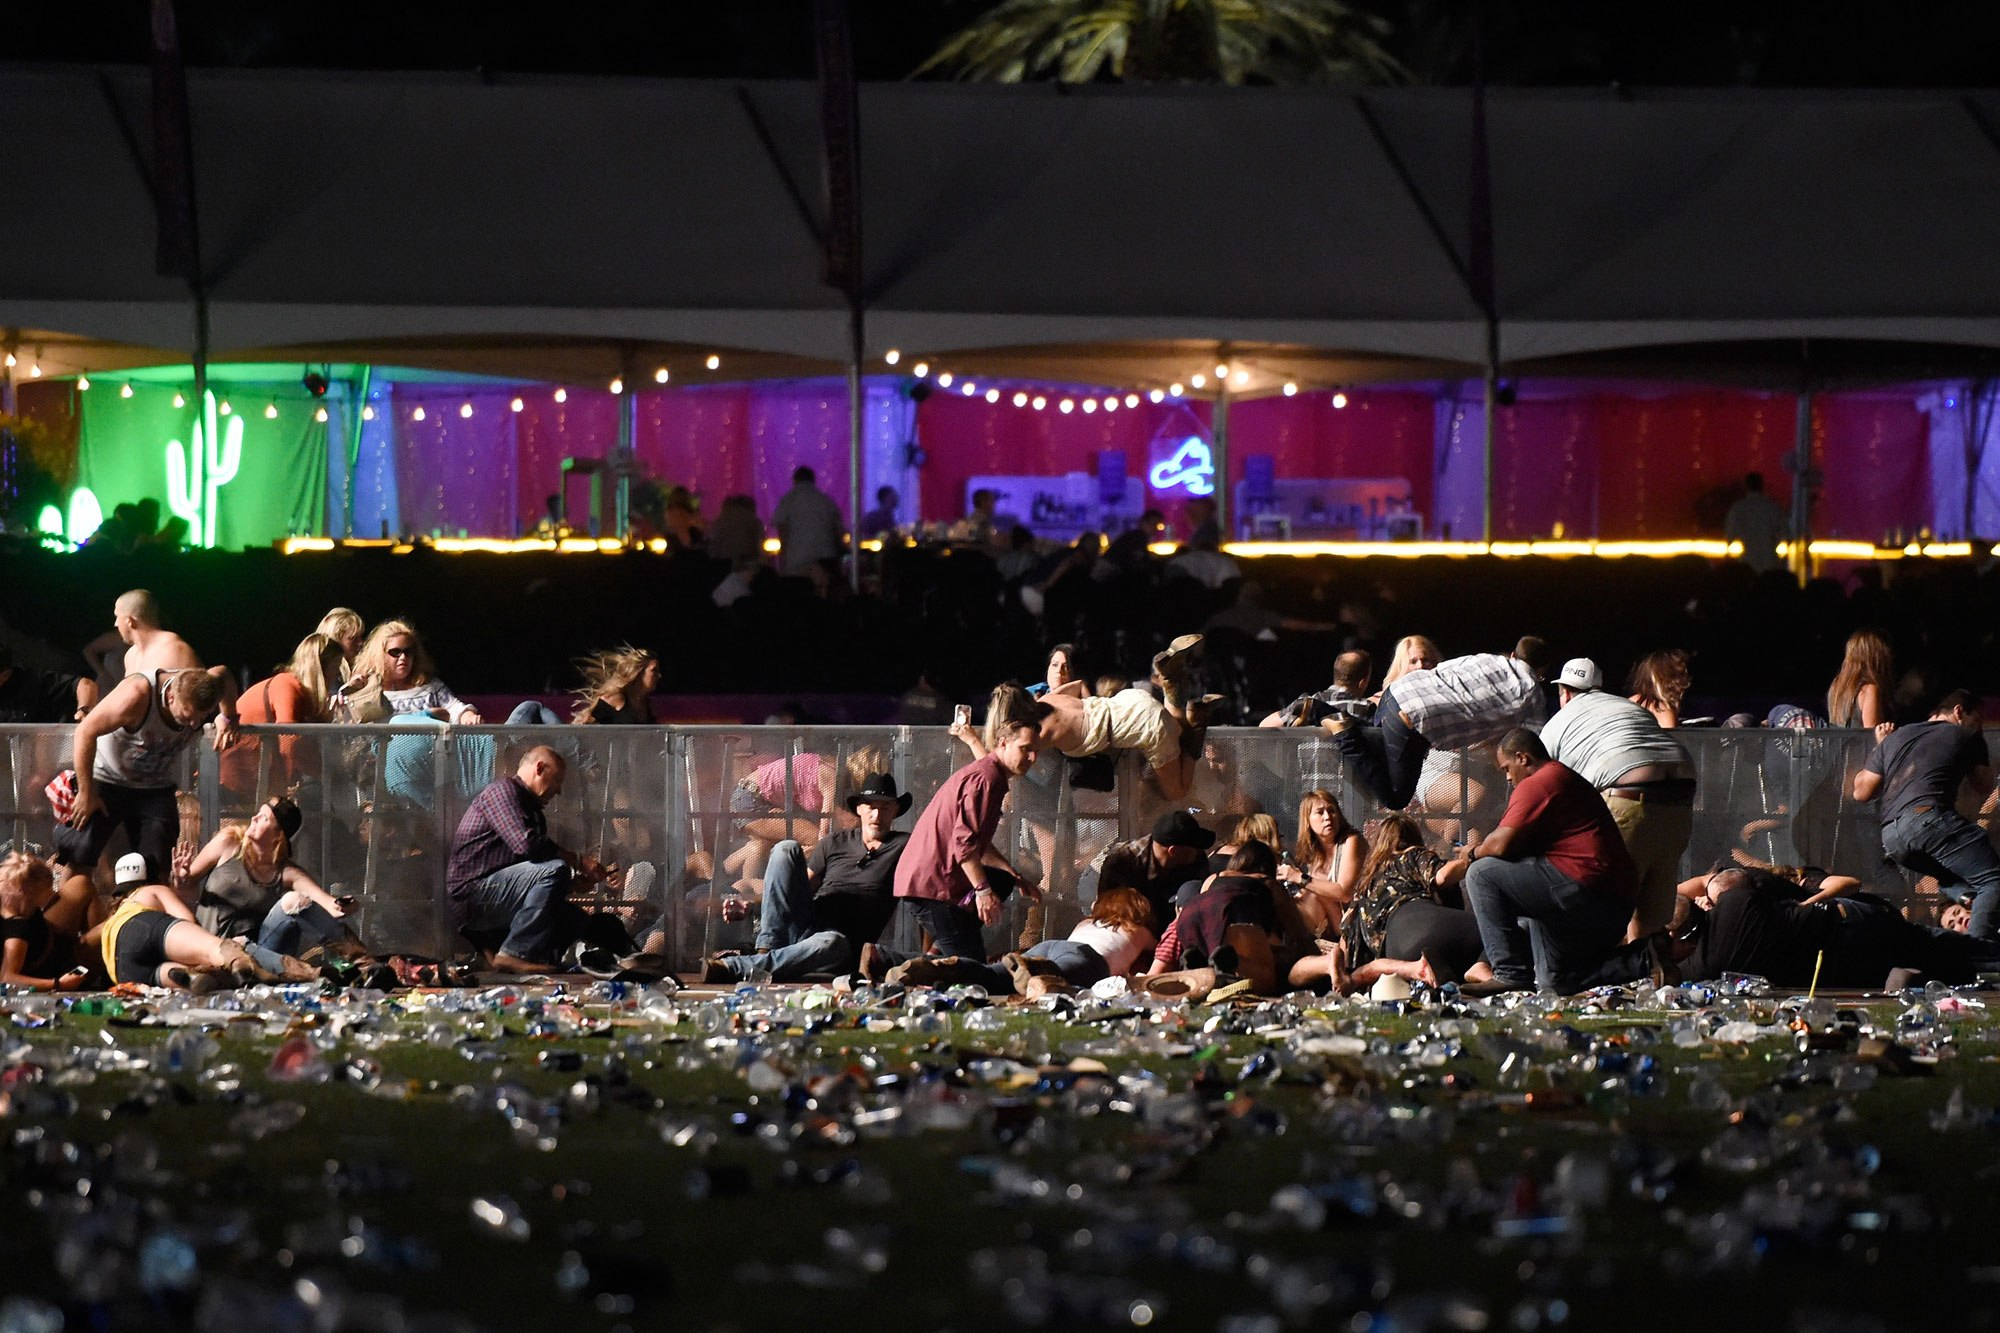 50人死亡!Vegas枪手39楼扫射,血洗佐治亚乡村歌手演唱会现场!